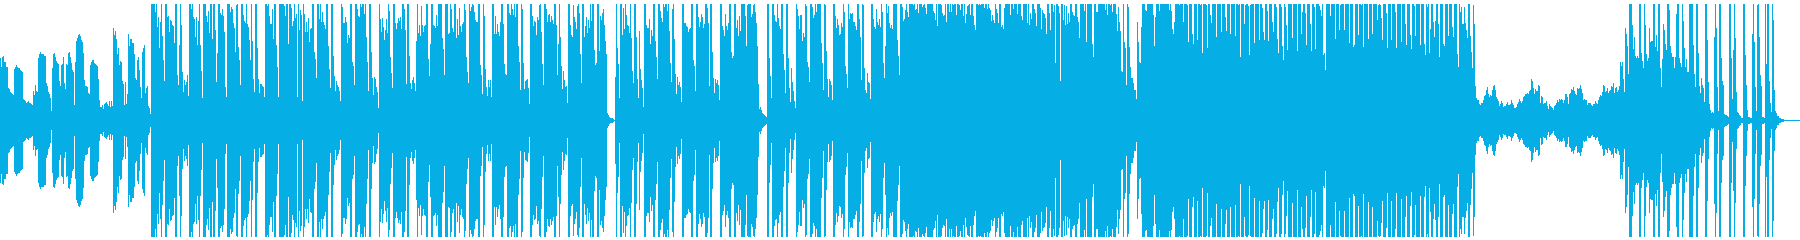 HIPHOP系BGMの再生済みの波形